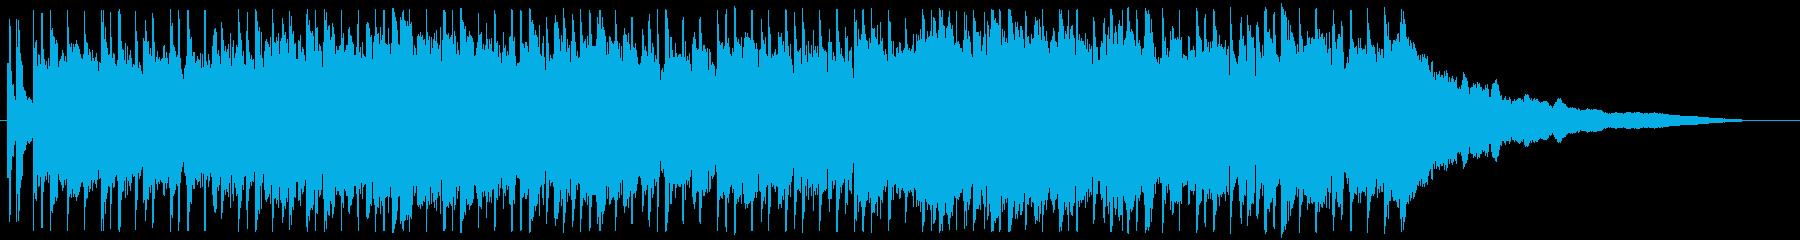 陽気でポジティブなアメリカーナのロ...の再生済みの波形